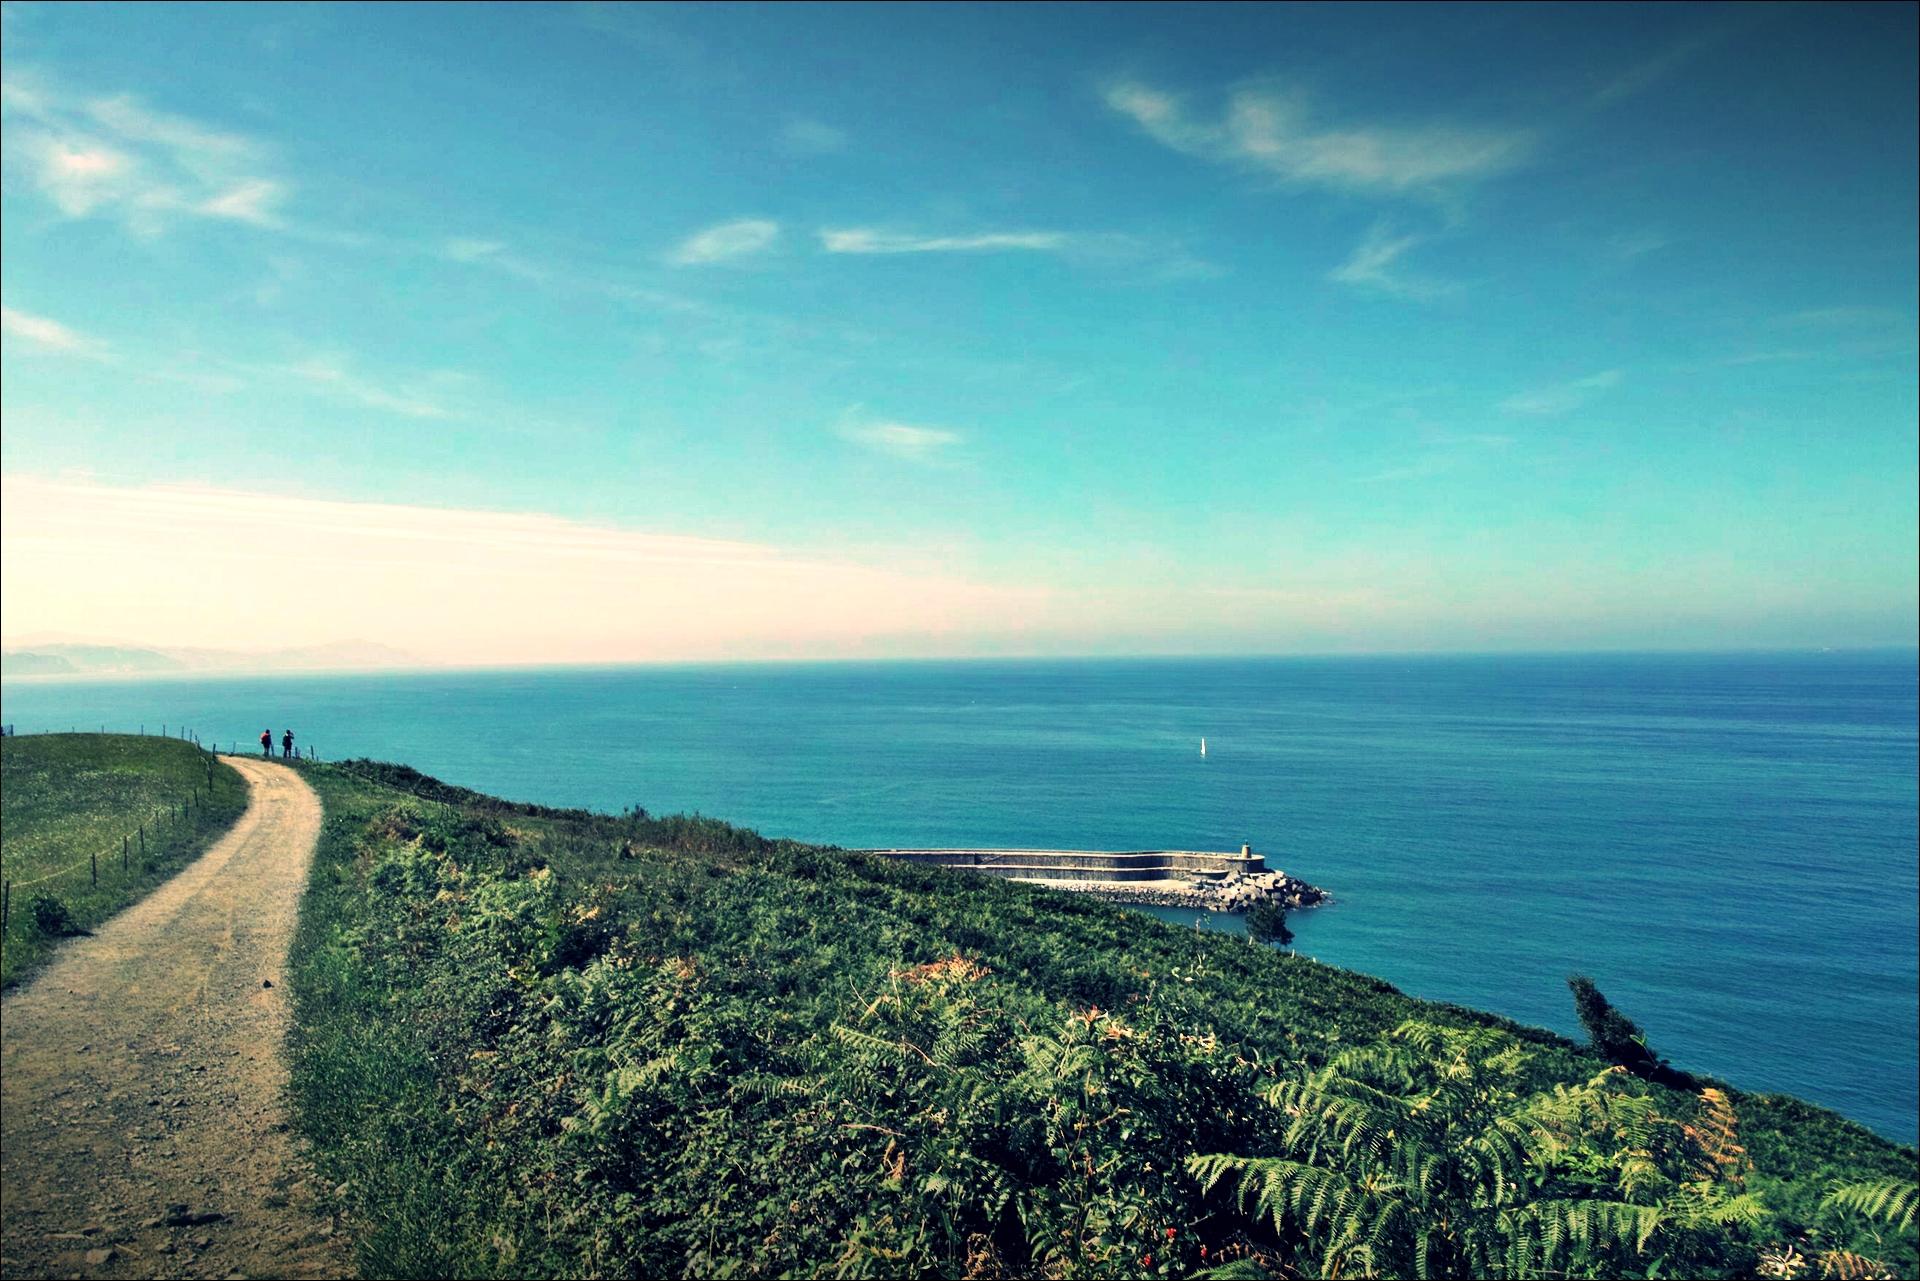 바다, 길-'카미노 데 산티아고 북쪽길. 사라우츠에서 쑤마이아. 빌바오.'